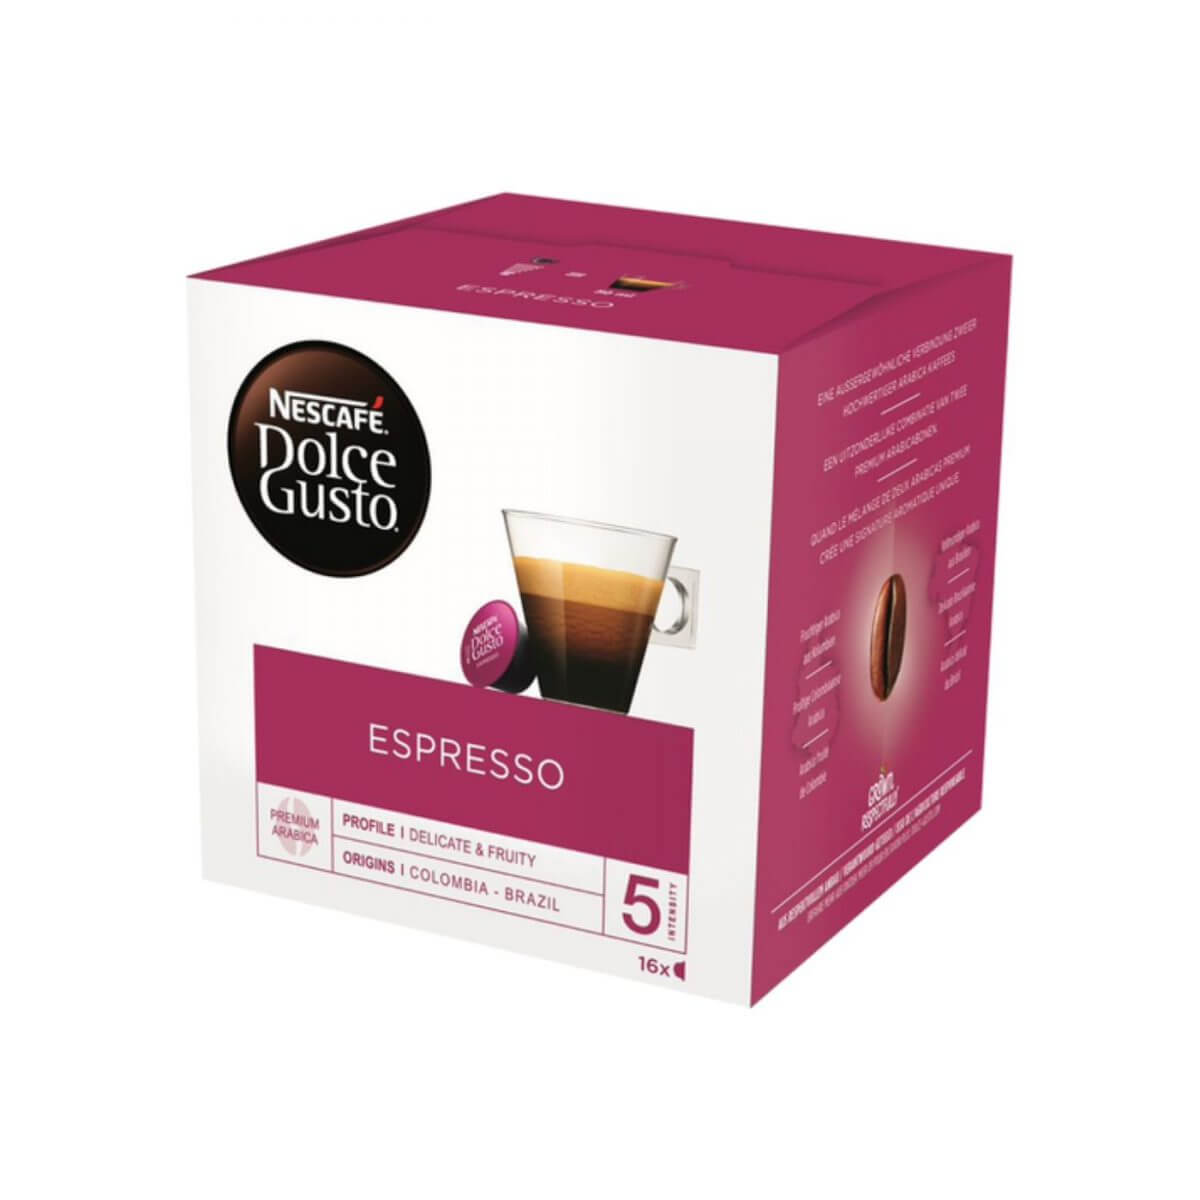 Nescafé - Dolce Gusto - Espresso - capsules